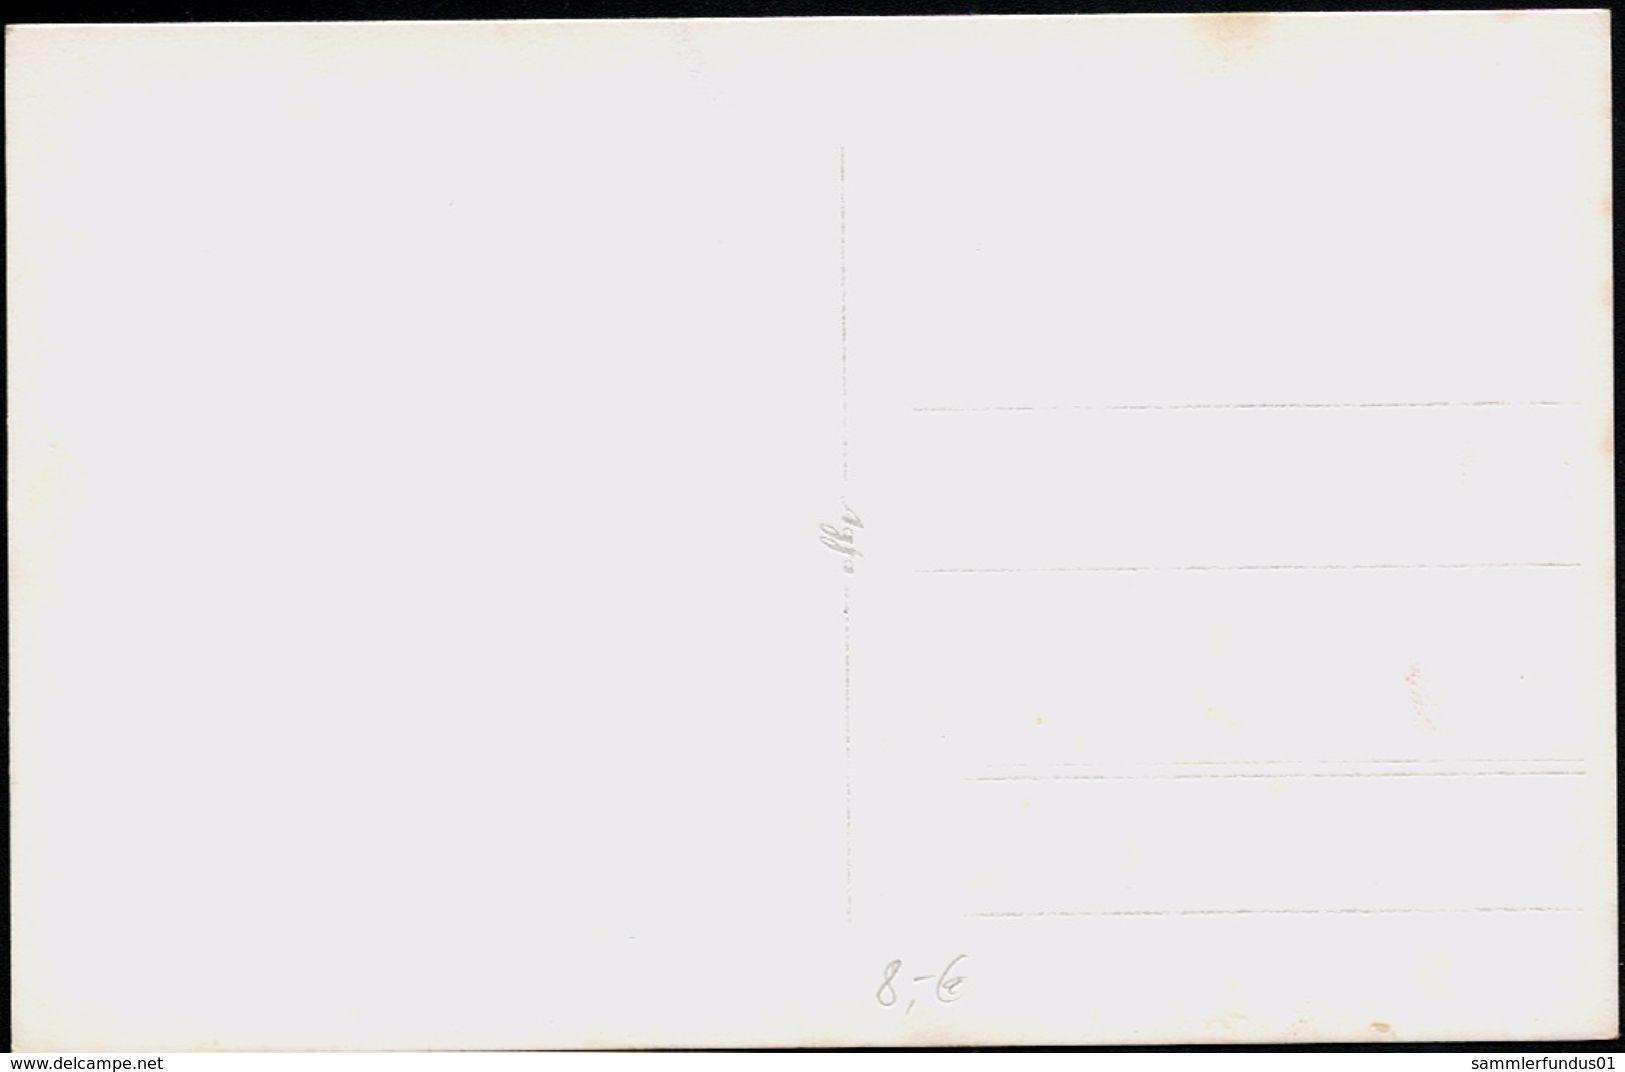 AK/CP  Wehrmacht Kriegsmarine  Reichskriegsflagge   2.WK WW  Ungel./uncirc.  1933-45    Erh./Cond.  2    Nr. 00106 - War 1939-45